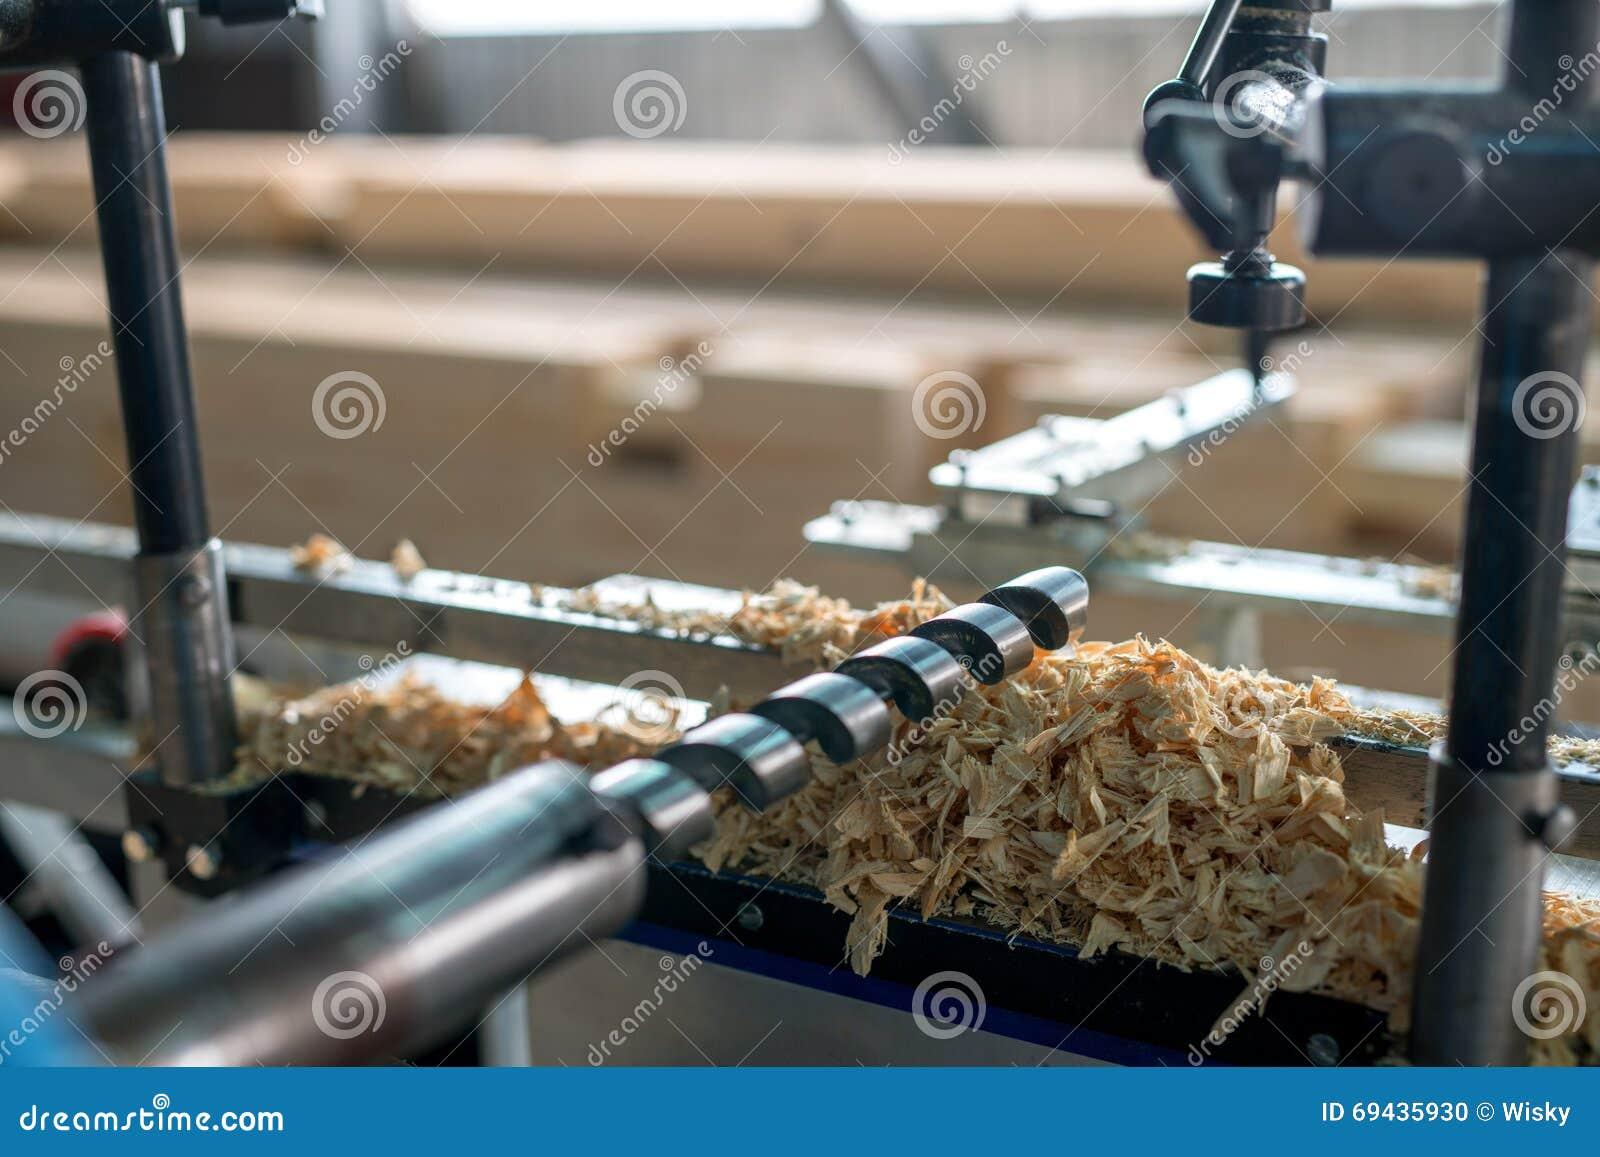 machine outil pour le travail du bois plan rapproch de foret photo stock image du industriel. Black Bedroom Furniture Sets. Home Design Ideas